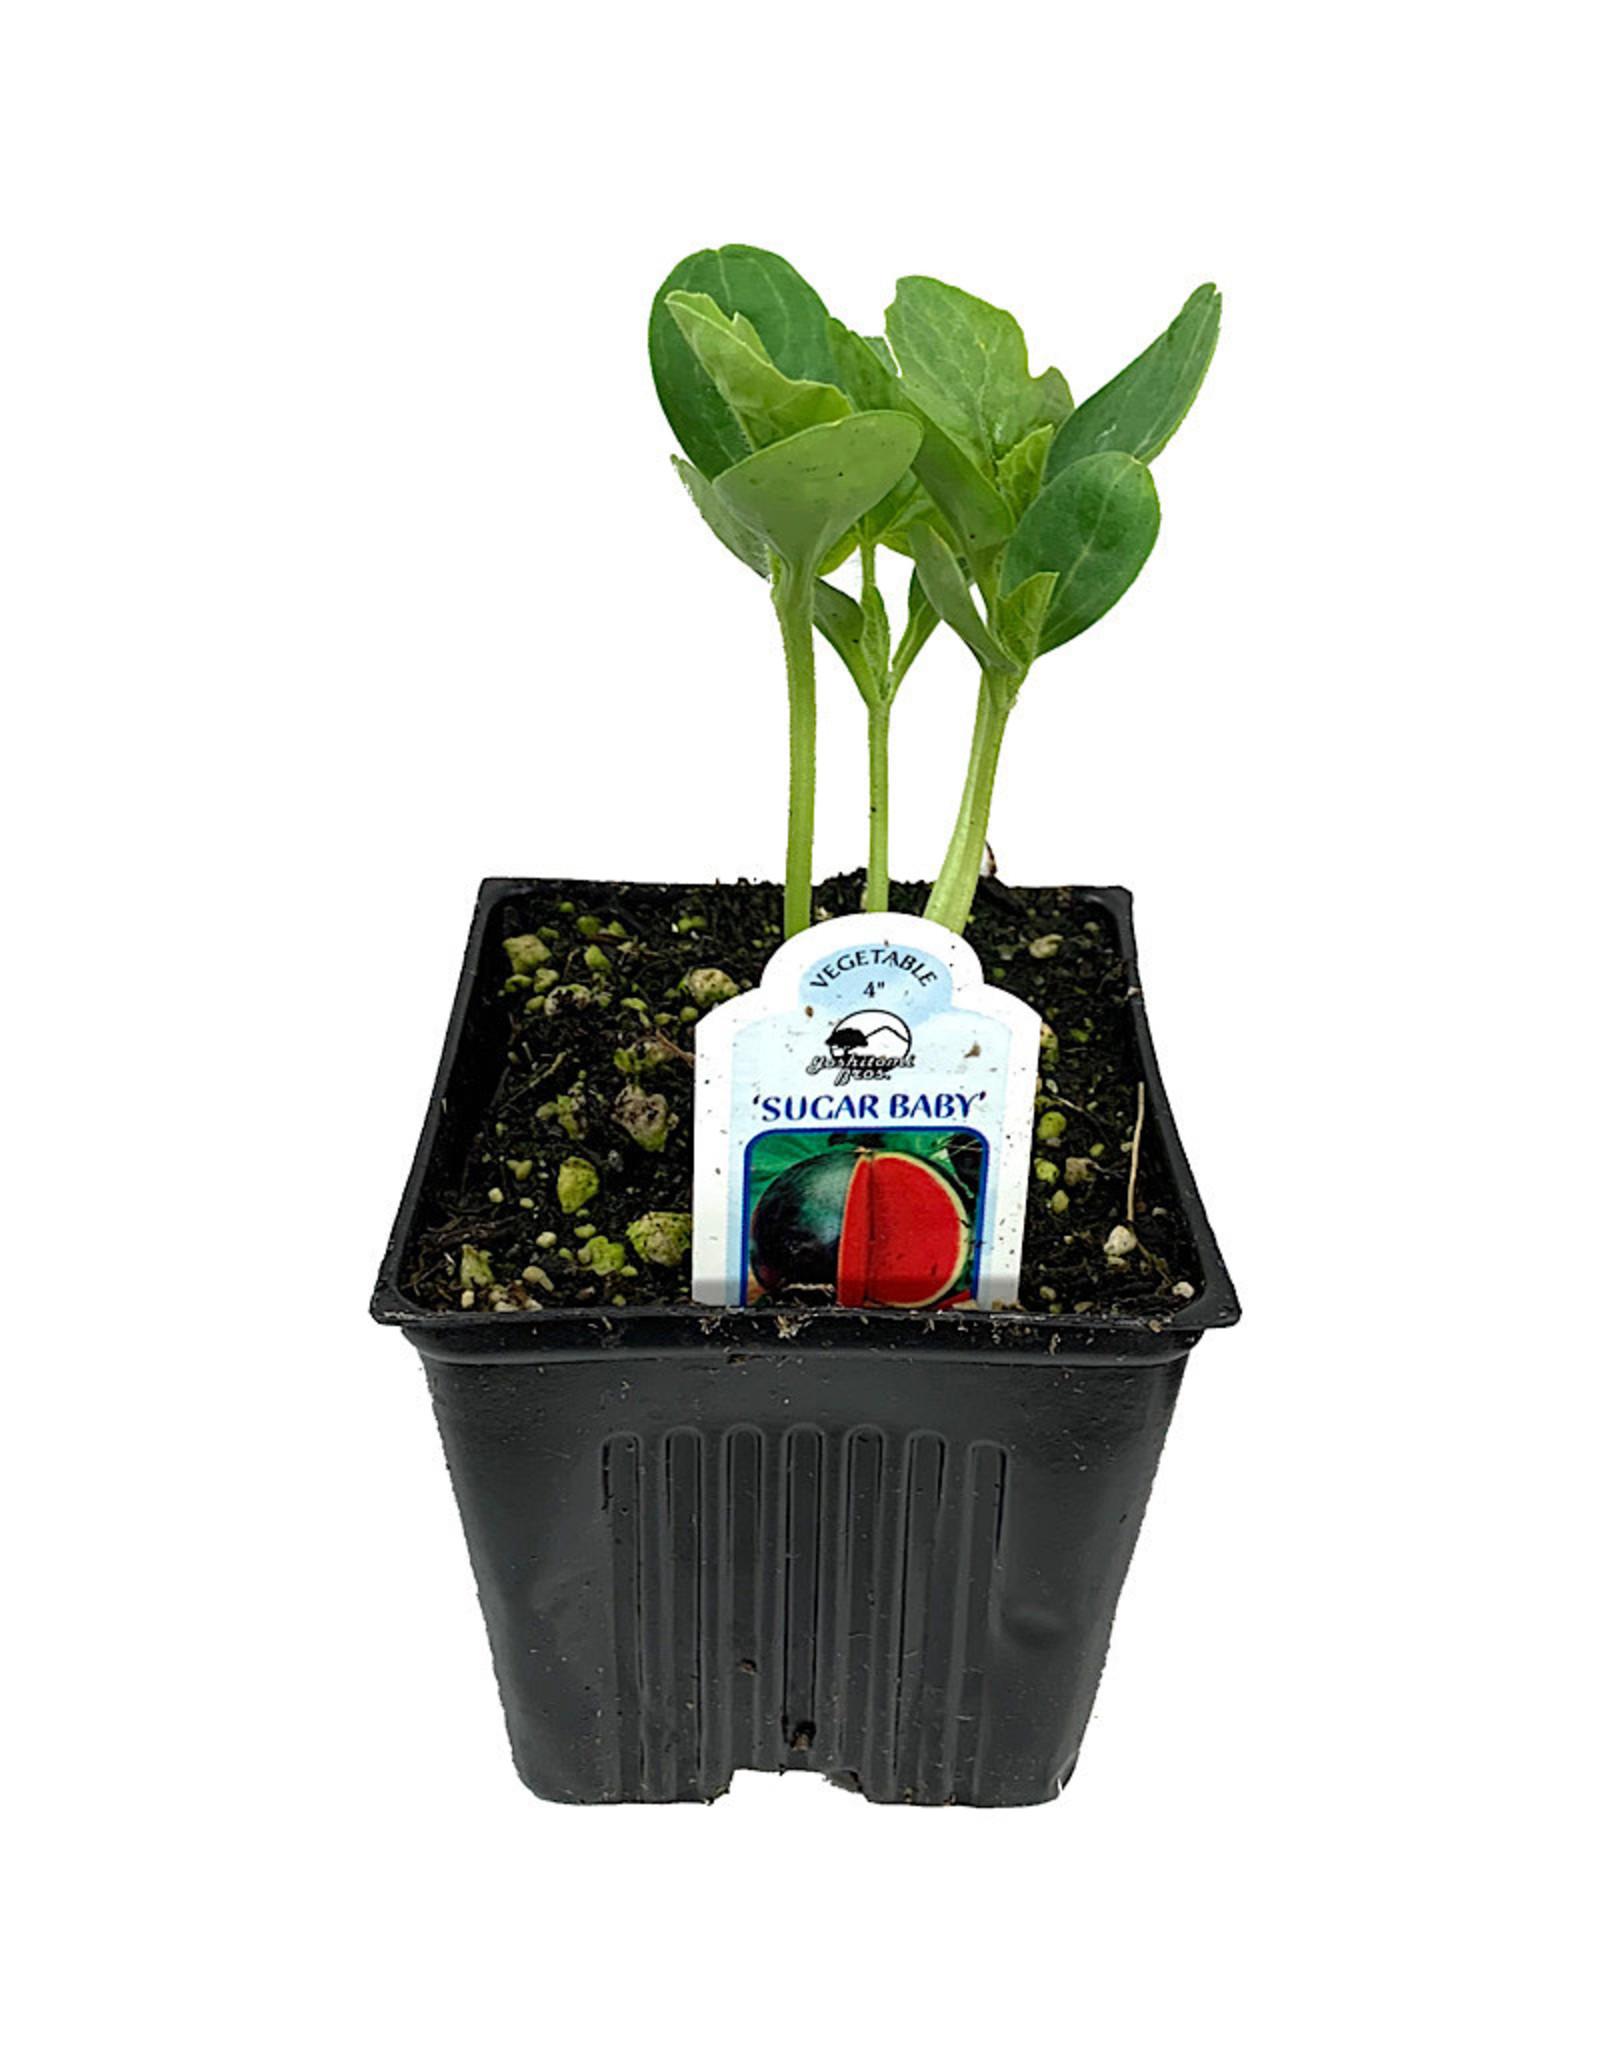 Watermelon 'Sugar Baby' - 4 inch